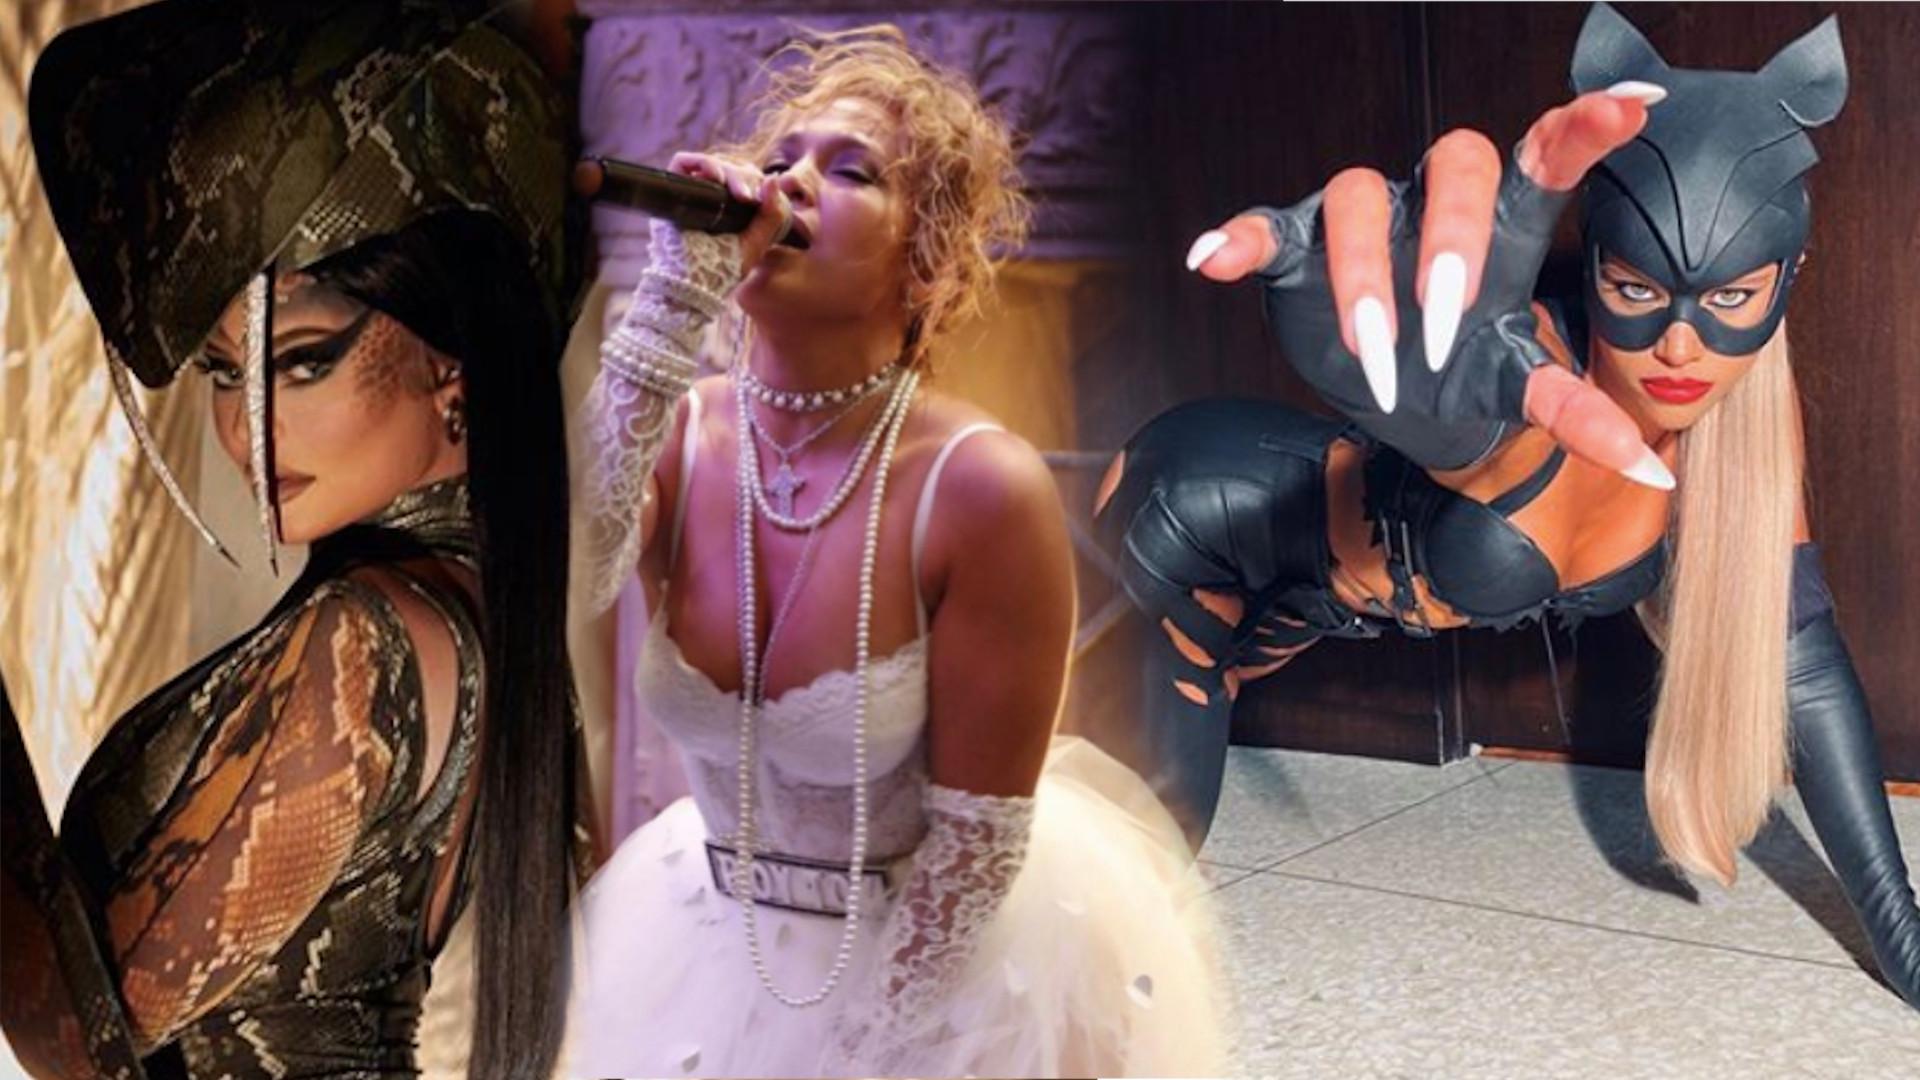 Halloween 2020. Gwiazdy w tym roku ZASZALAŁY z kostiumami. Która zrobiła to najlepiej? (ZDJĘCIA)